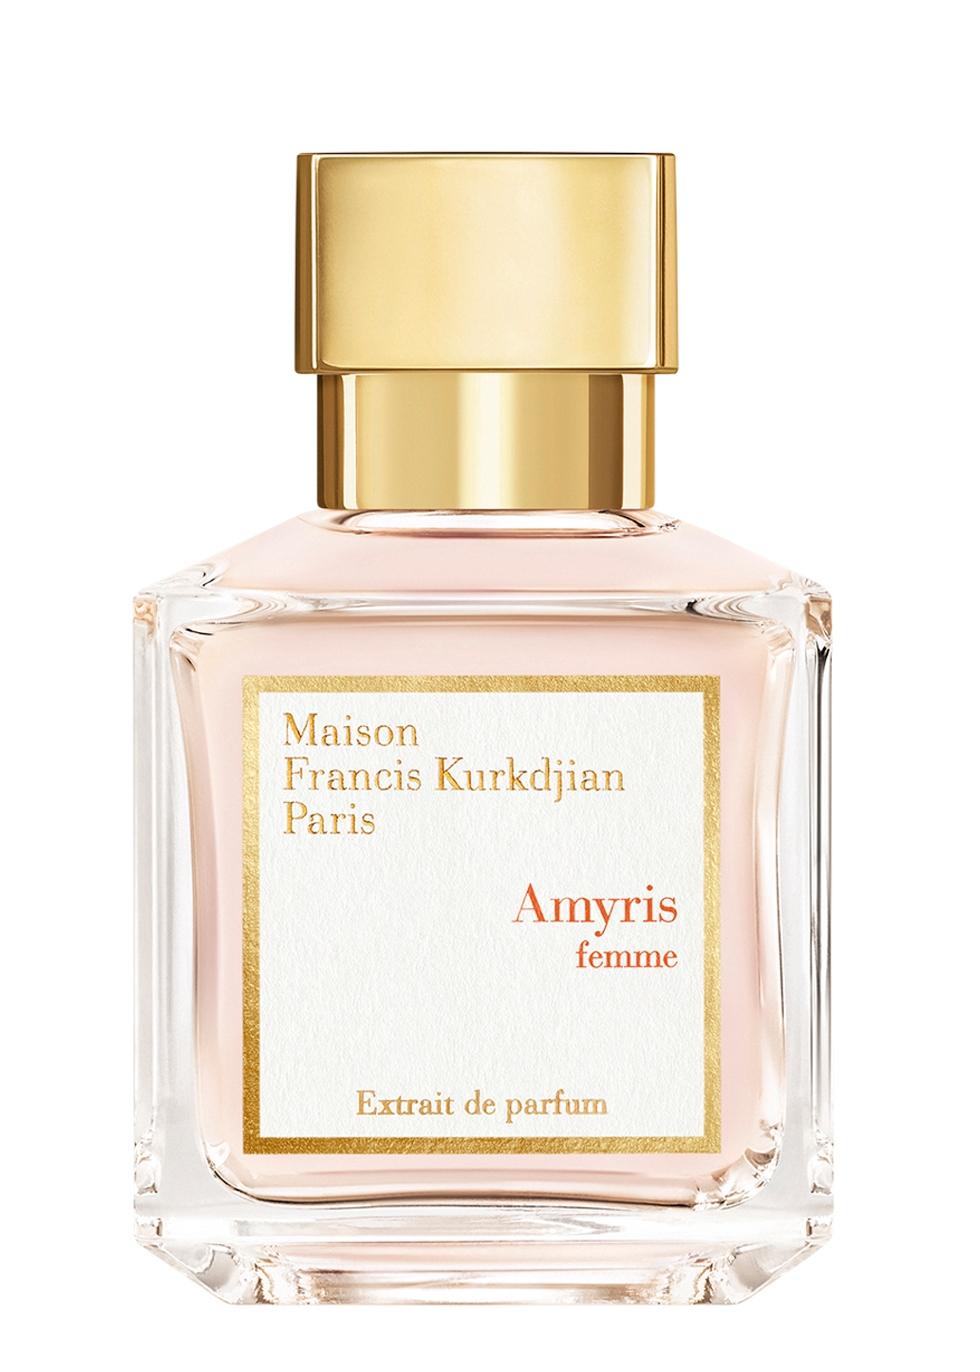 Amyris Femme Extrait De Parfum 70ml